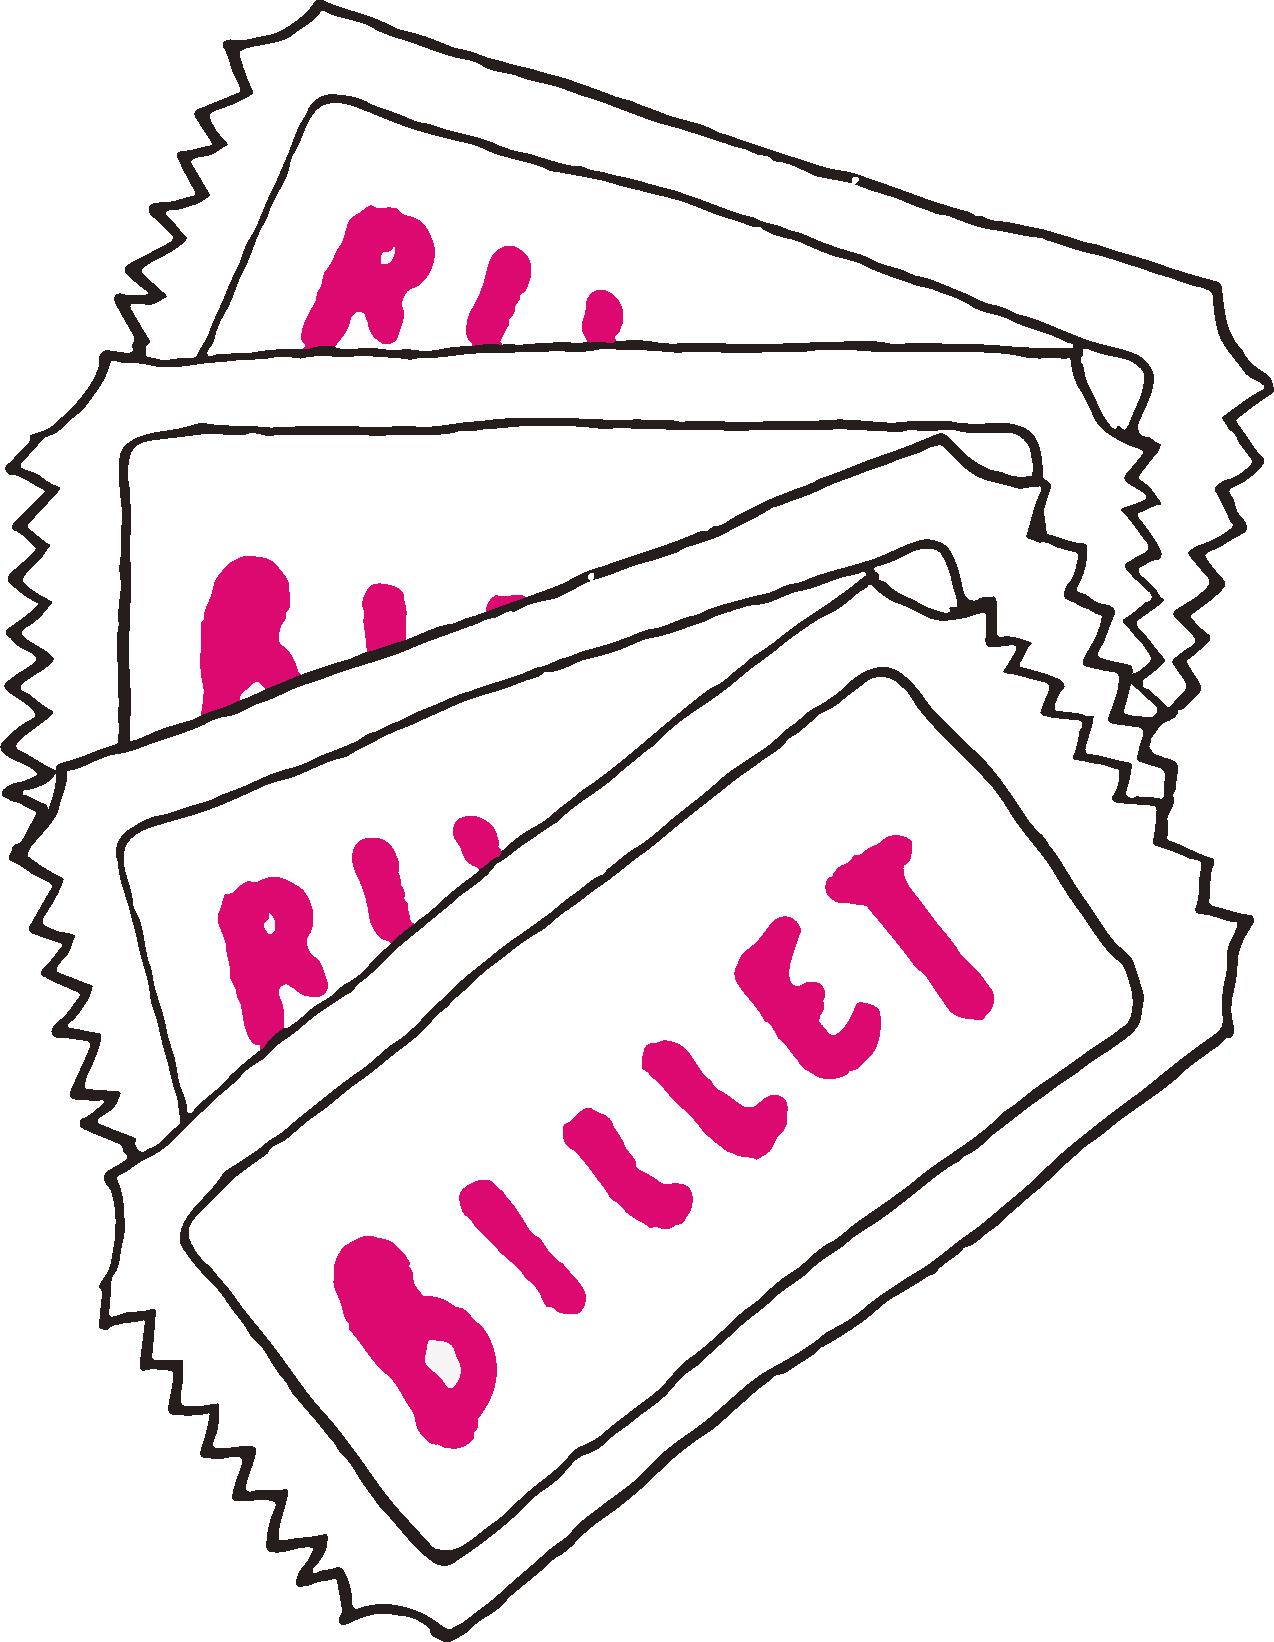 4billets-1508439591.png